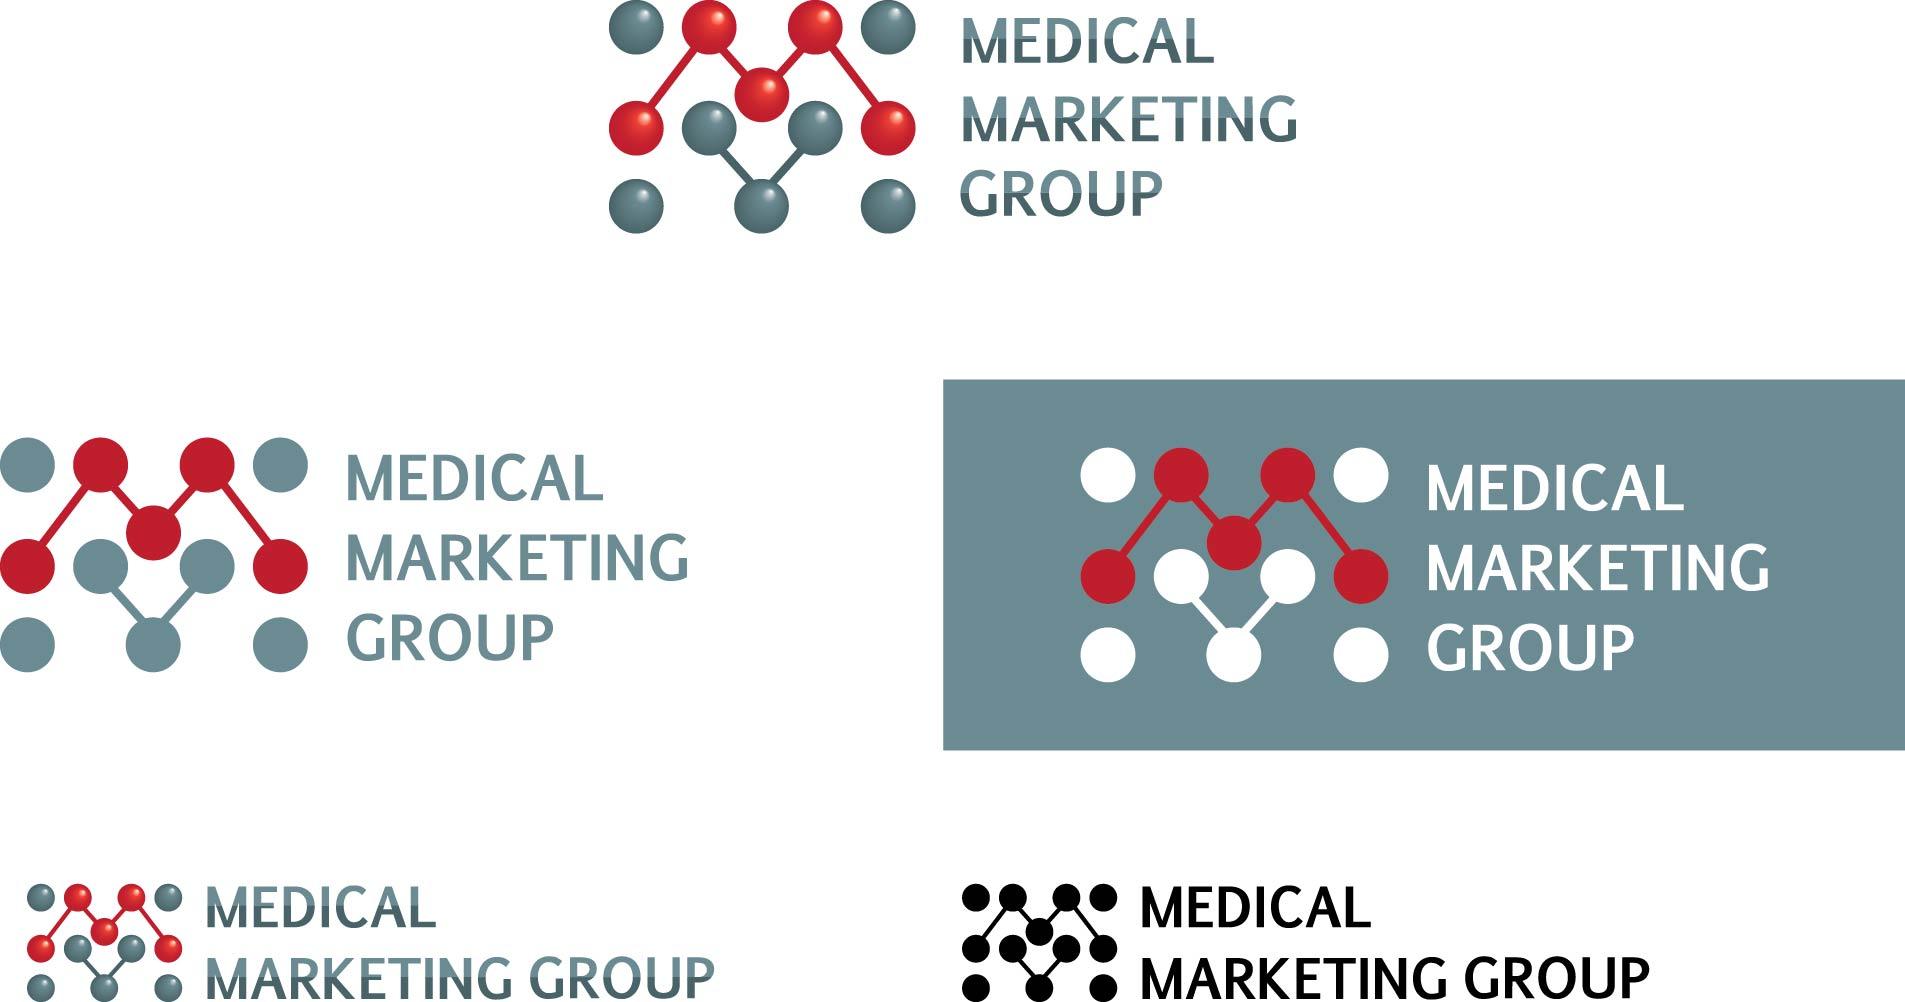 Логотип и фирменный стиль для Medical marketing group